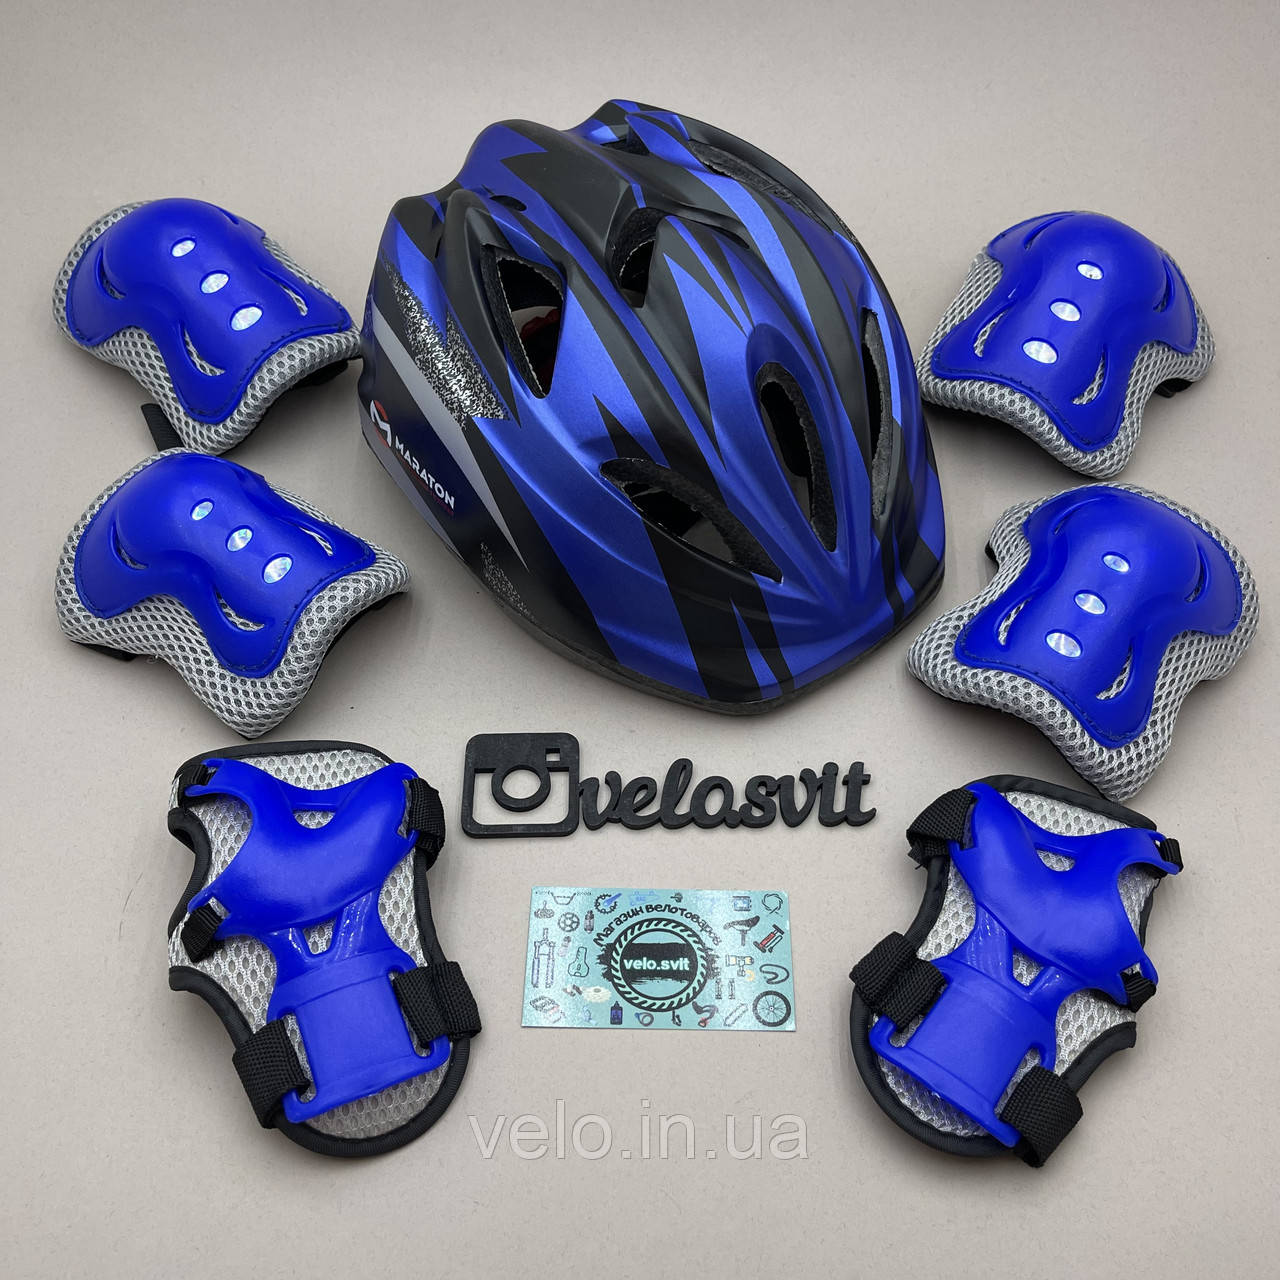 Фирменный комплект защиты, шлем Maraton+ наколенники, налокотники, перчатки детская защита для роликов